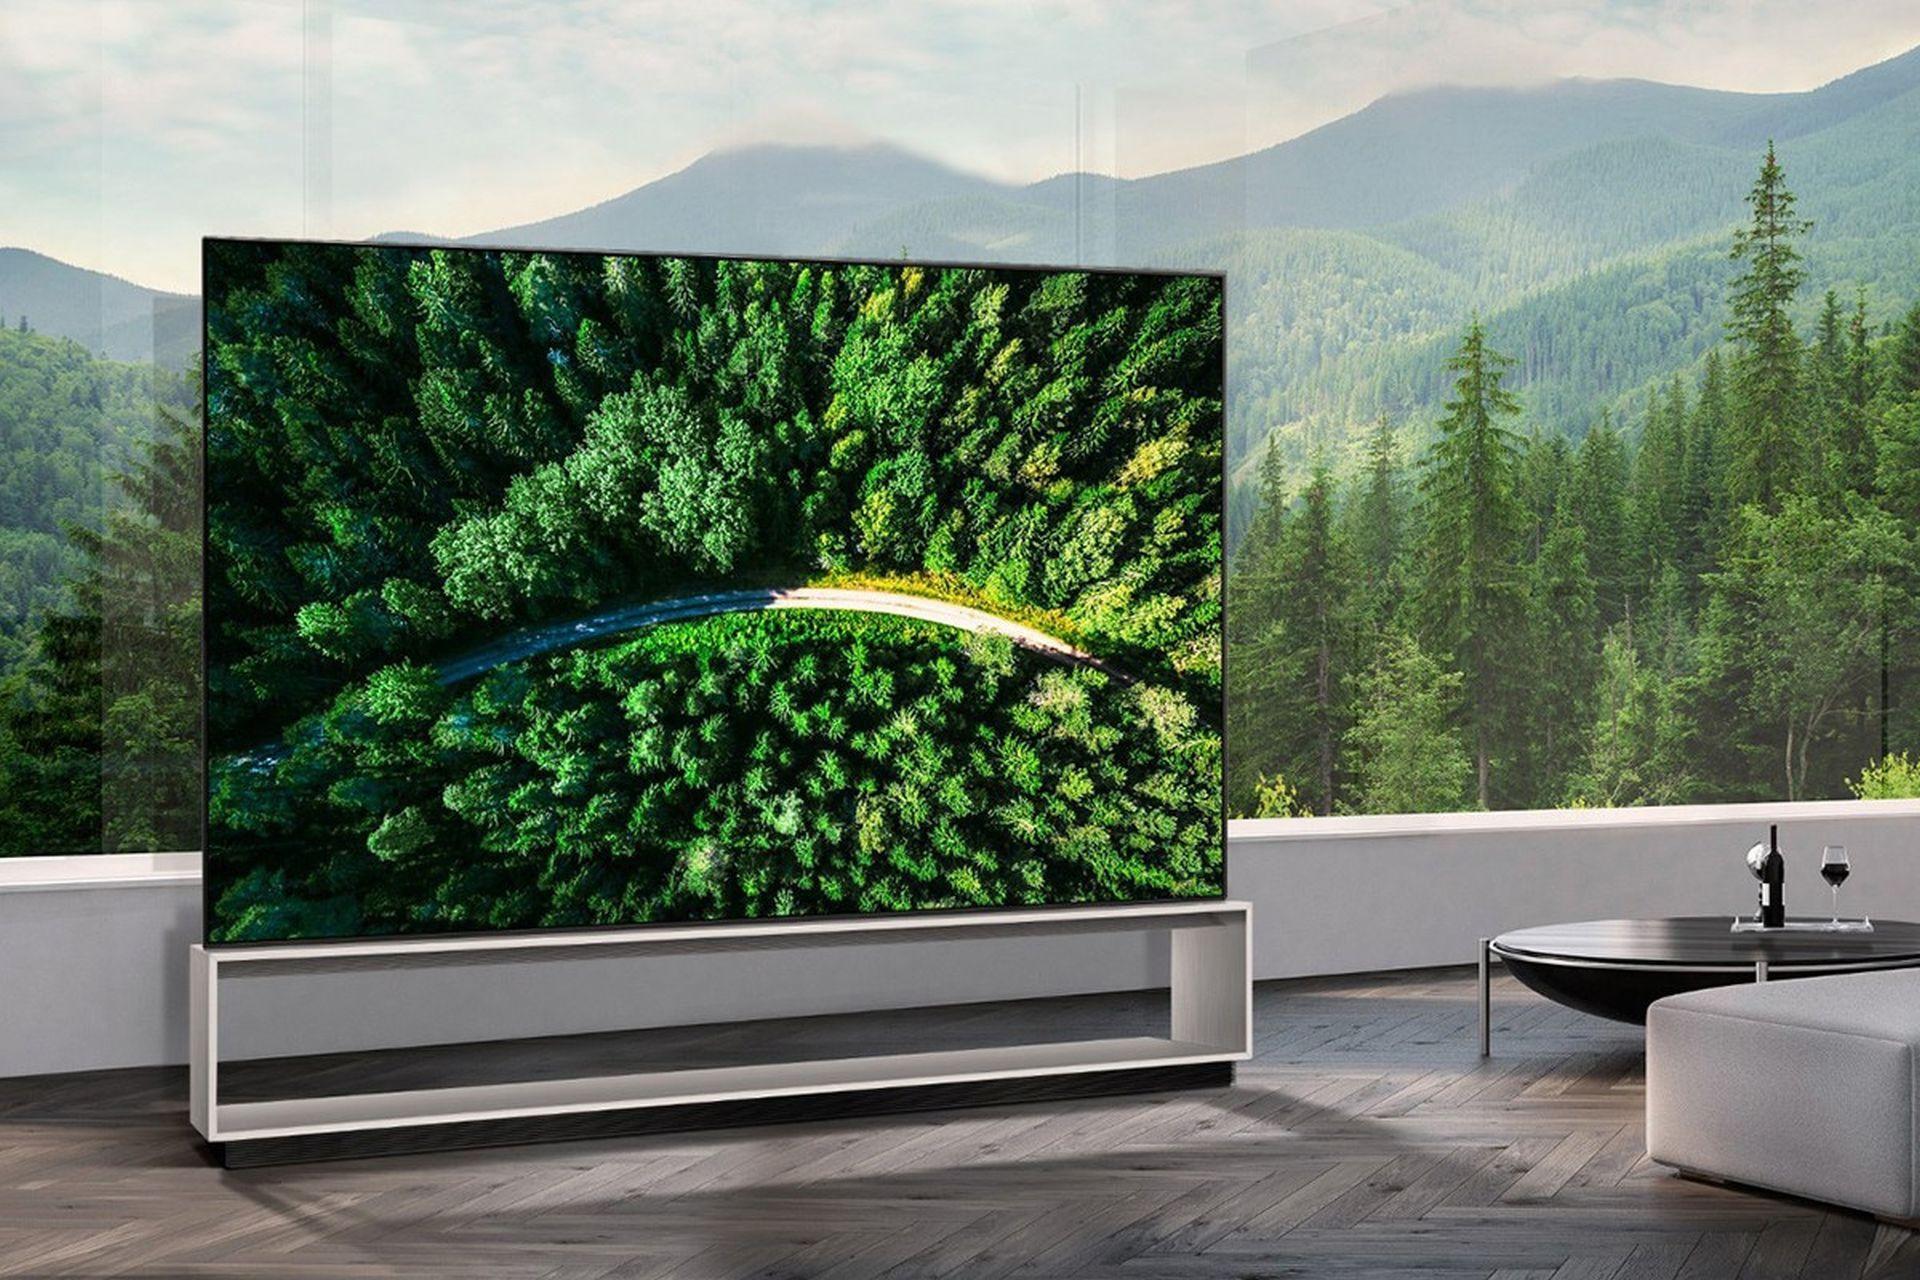 Nowe telewizory od LG z 8K ze wsparciem HomeKit i AirPlay